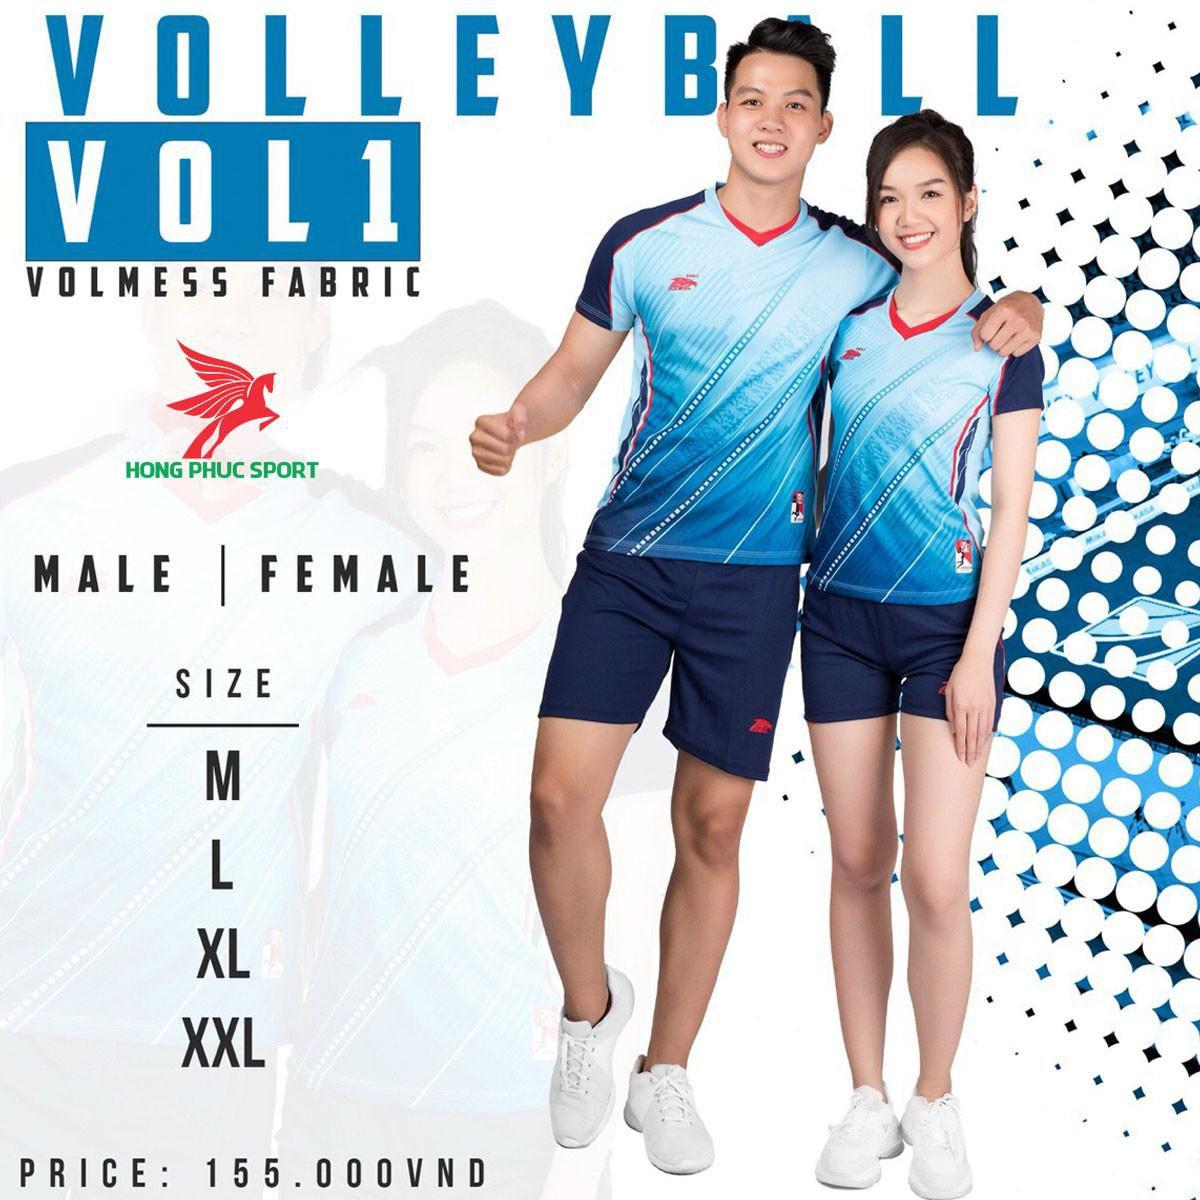 https://cdn.hongphucsport.com/unsafe/s4.shopbay.vn/files/285/quan-ao-bong-chuyen-riki-vol1-xanh-duong-60474bbf40603.jpg